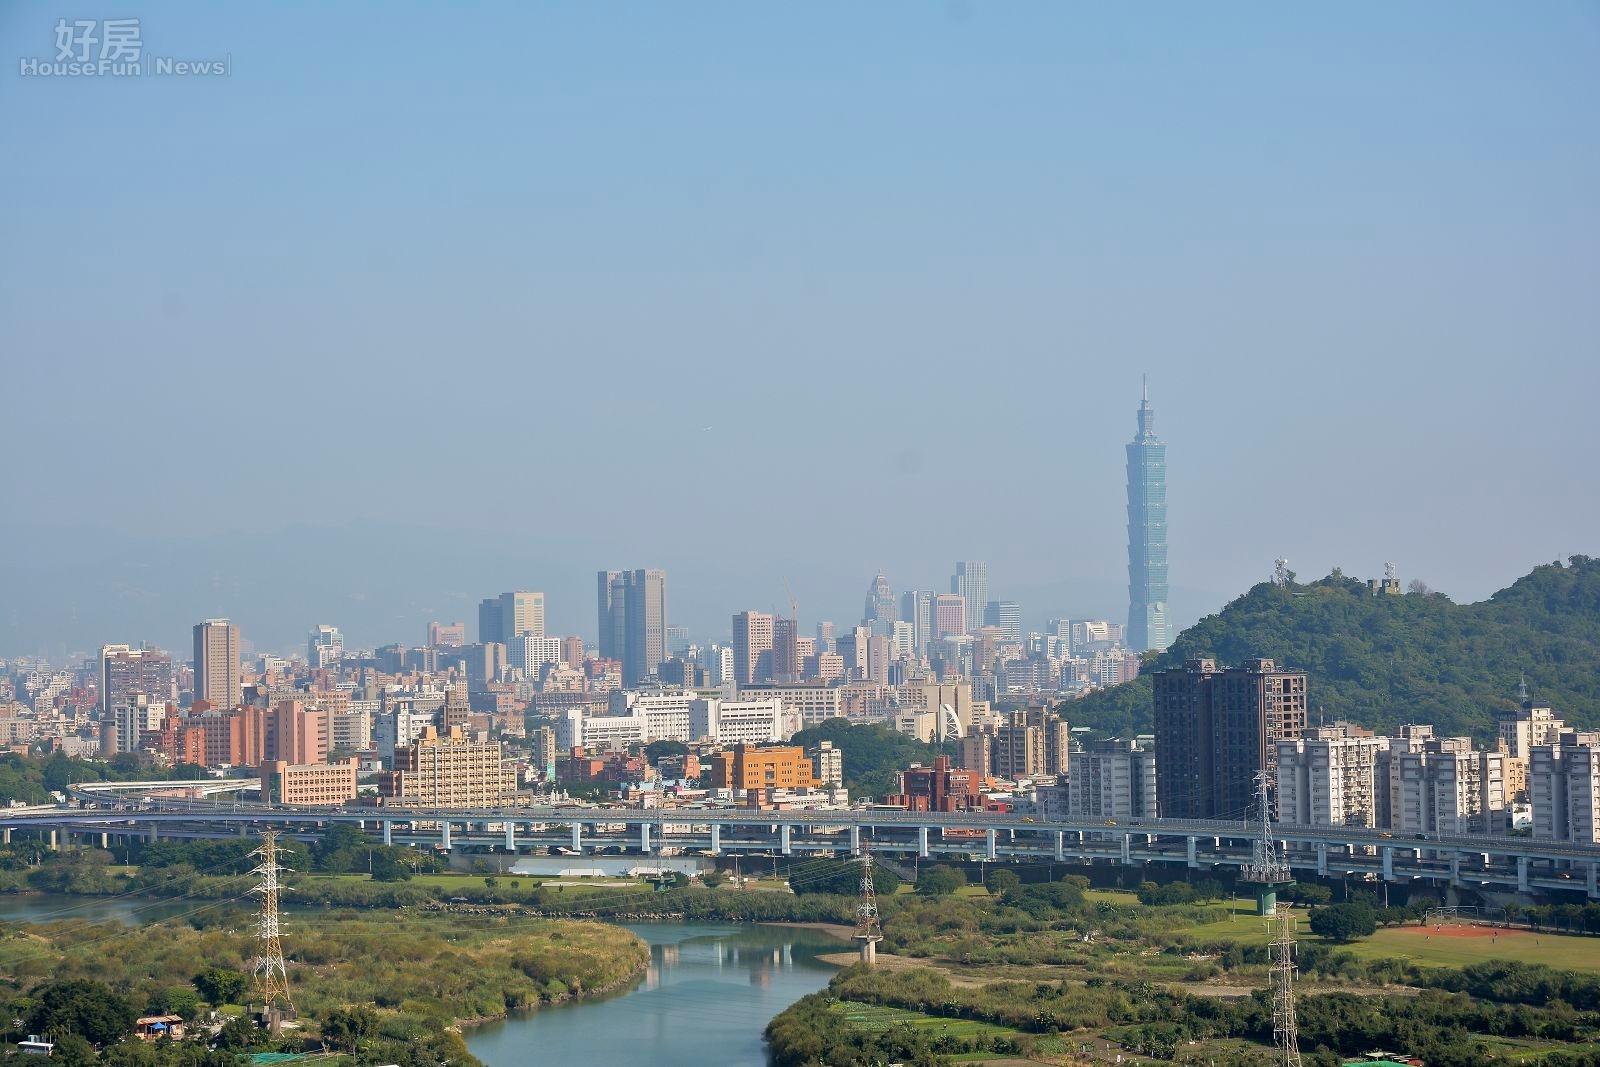 新北市河岸有許多風景優美的住宅,距離台北市也只是一橋之隔。(好房網News記者 陳韋帆/攝影)